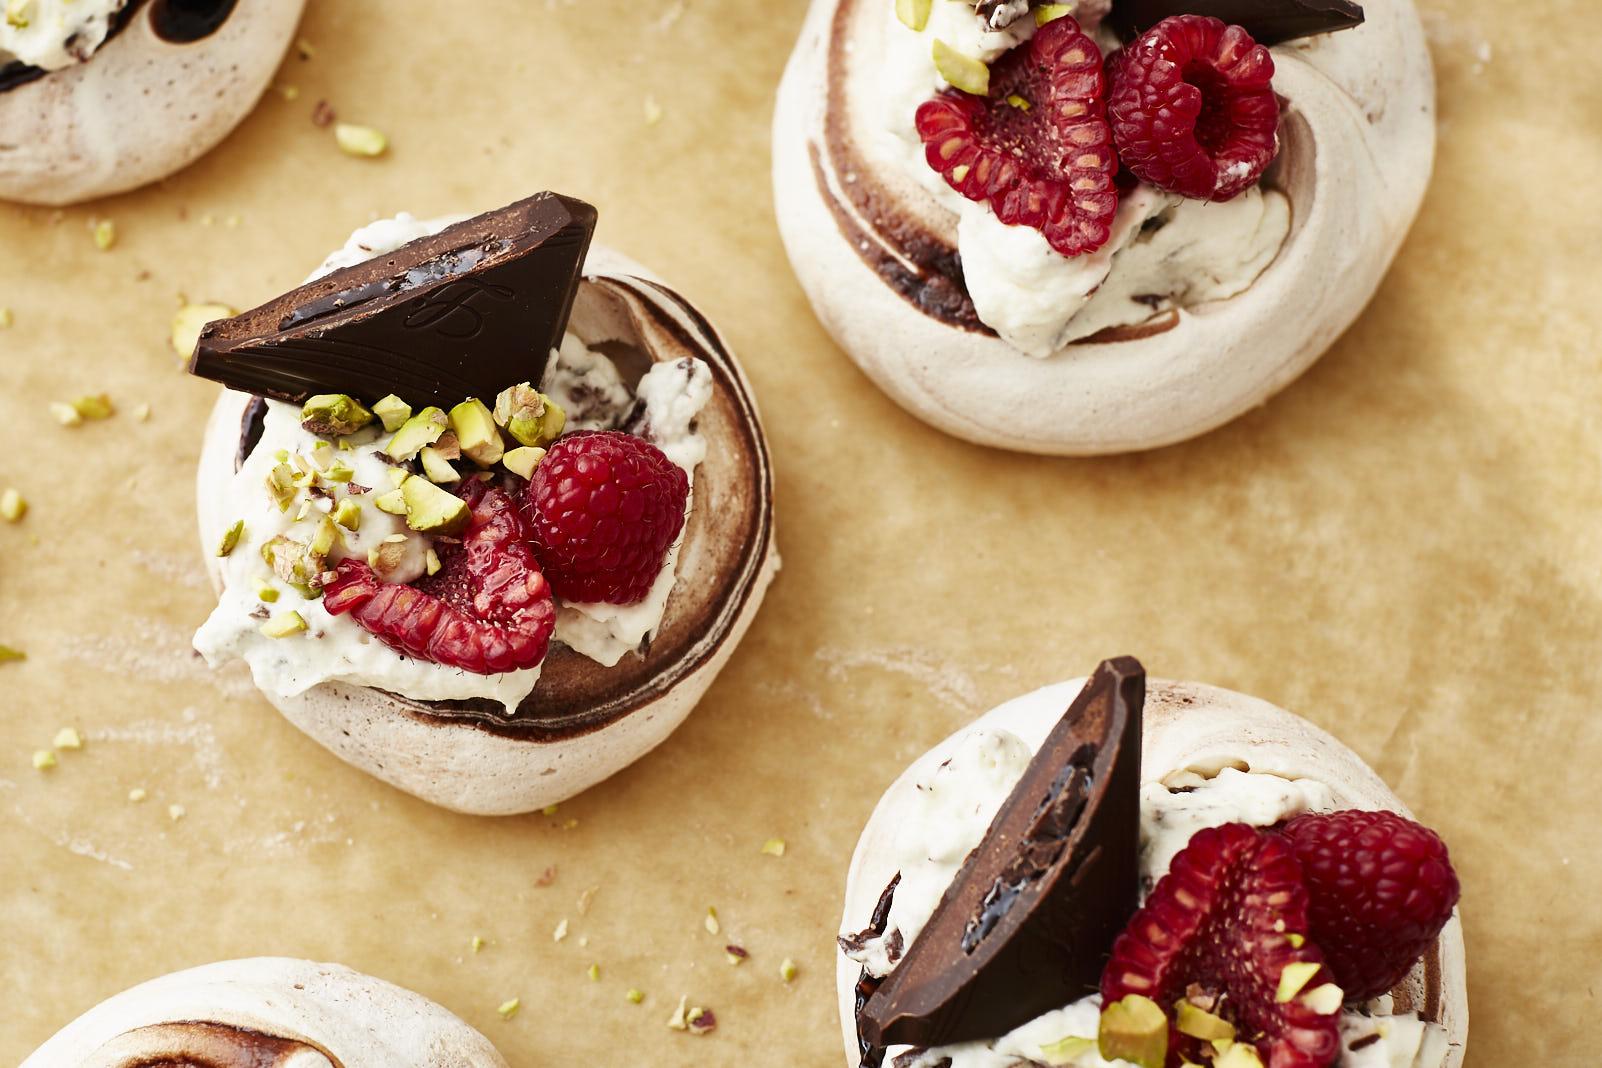 Zweierlei Mini-Pavlovas mit Schokolade & frischen Früchten